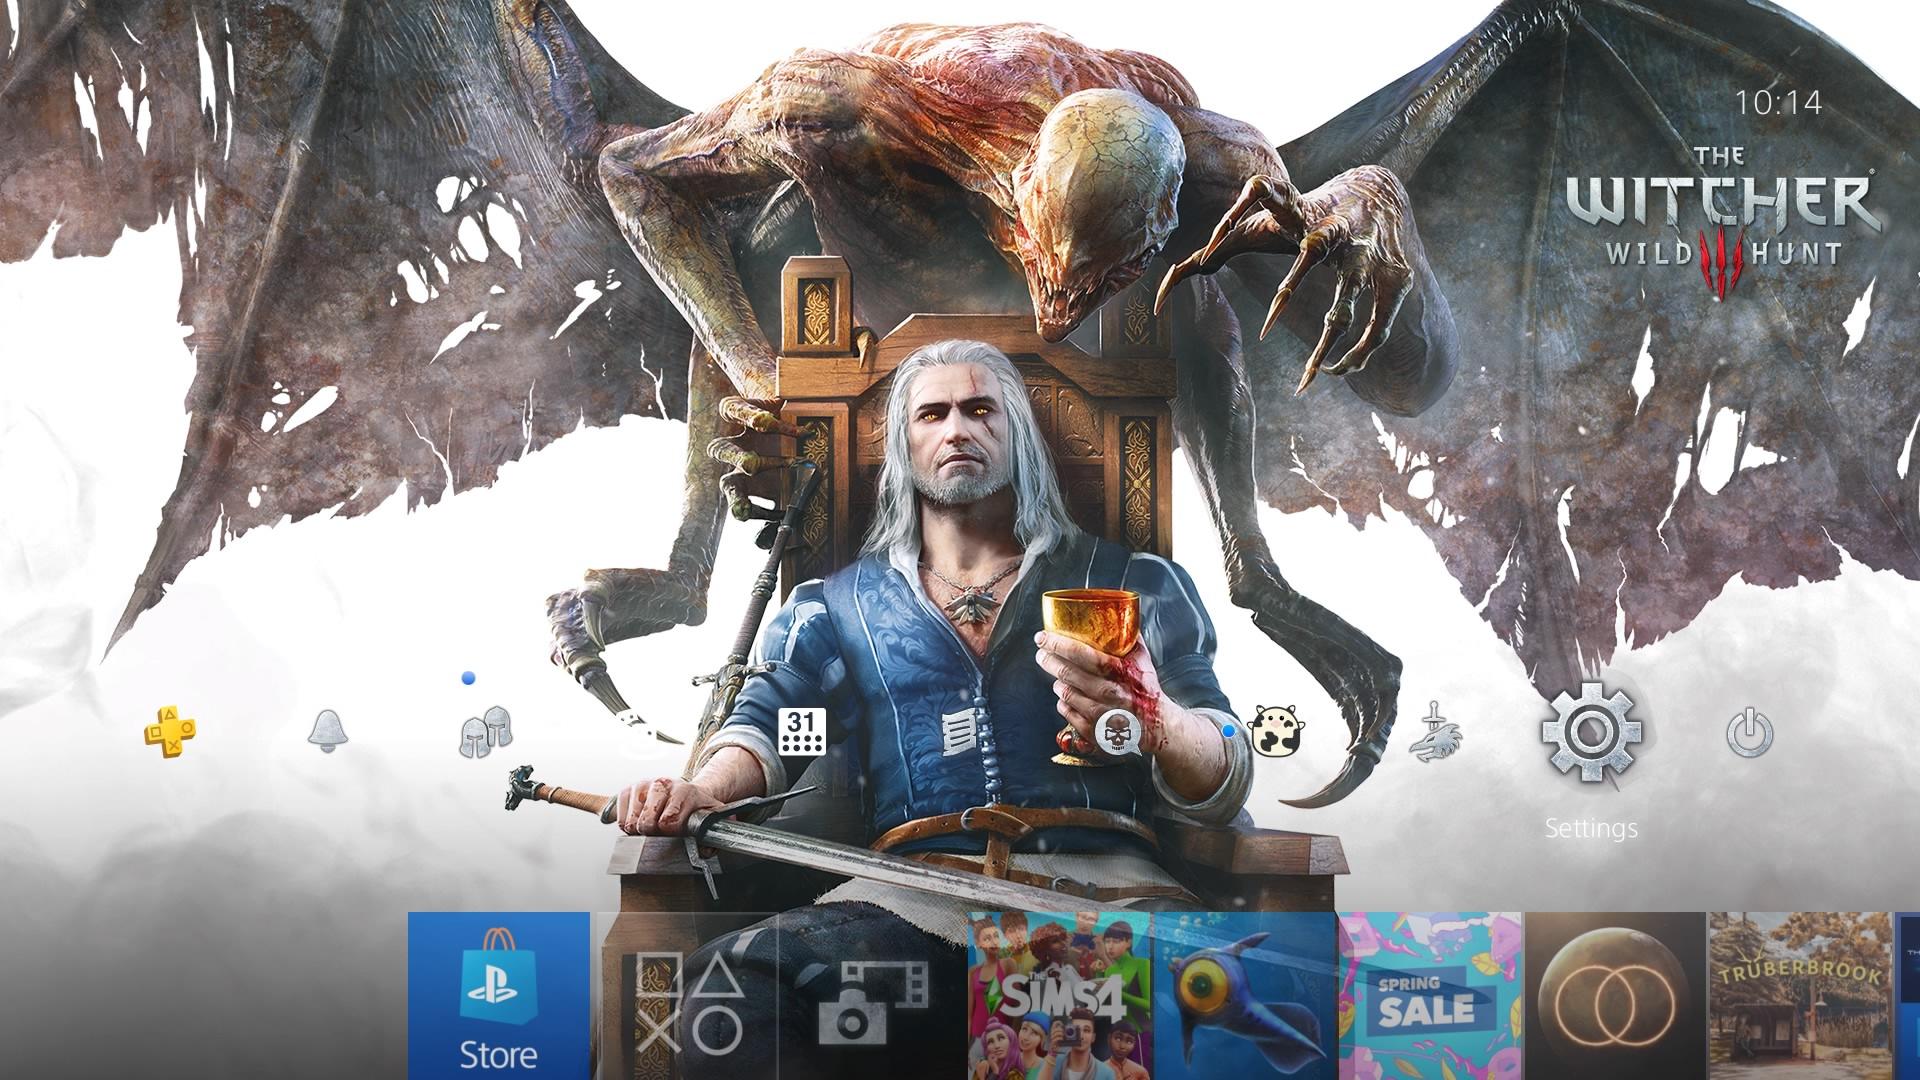 the witcher 3 wild hunt expansions theme.original - PlayStation 4 - Guida: i migliori temi gratuiti da scaricare